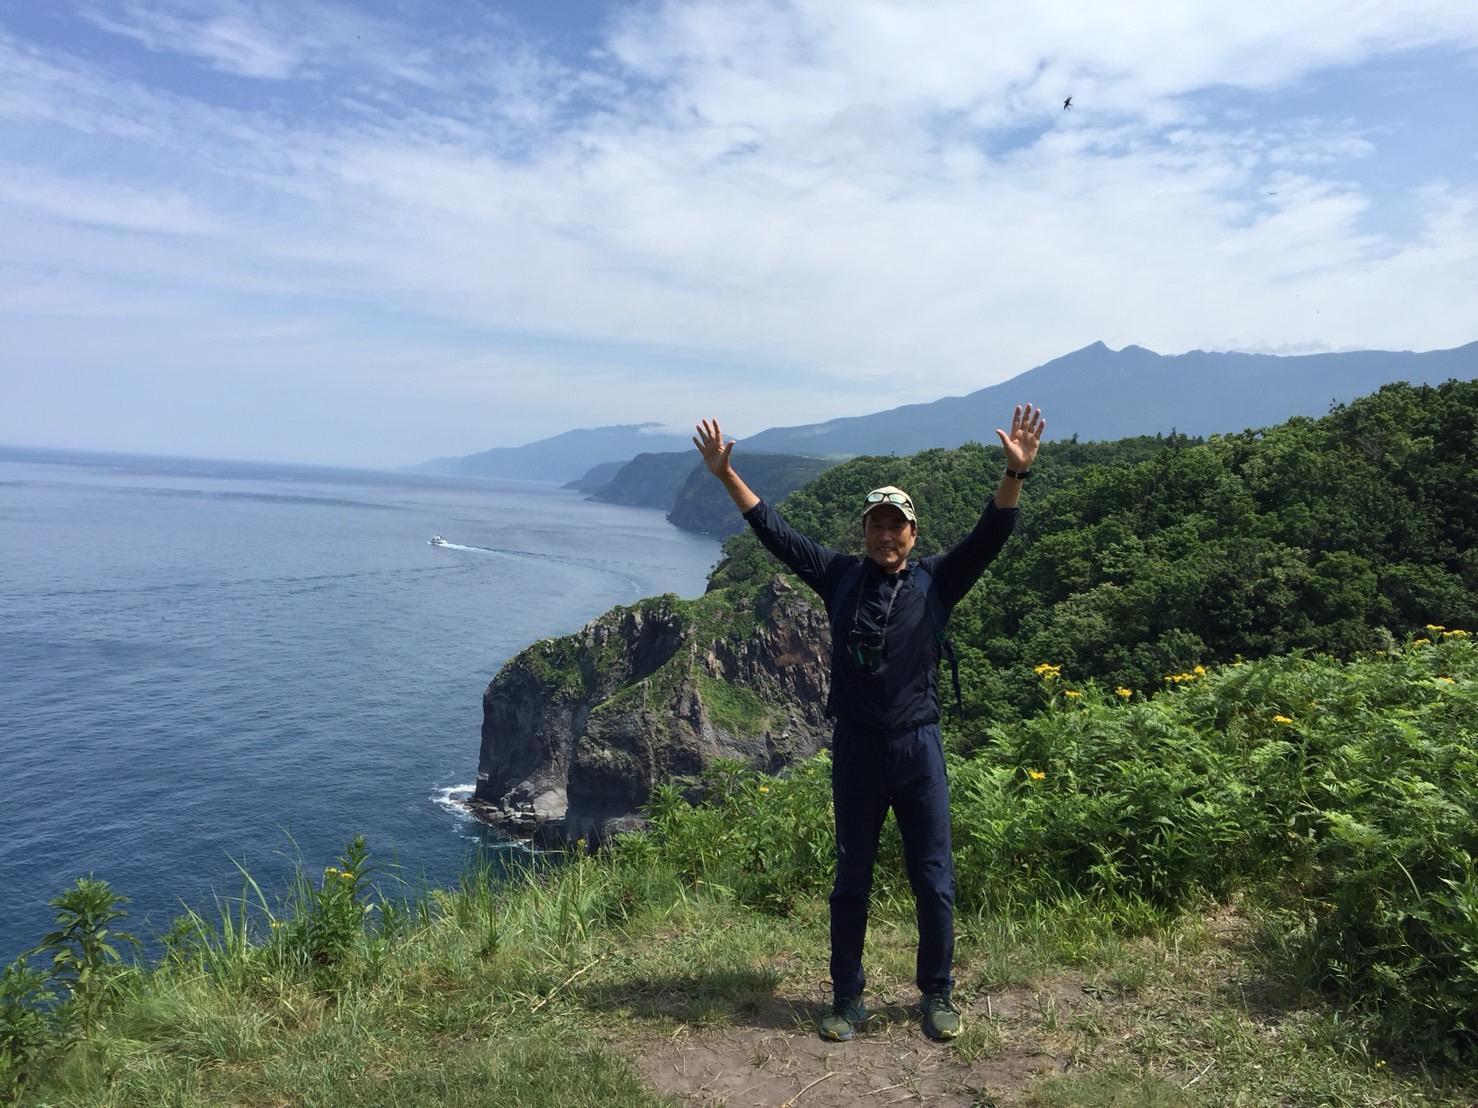 【営業マンの夏休み 2018】井上:知床半島、網走にいってきました!